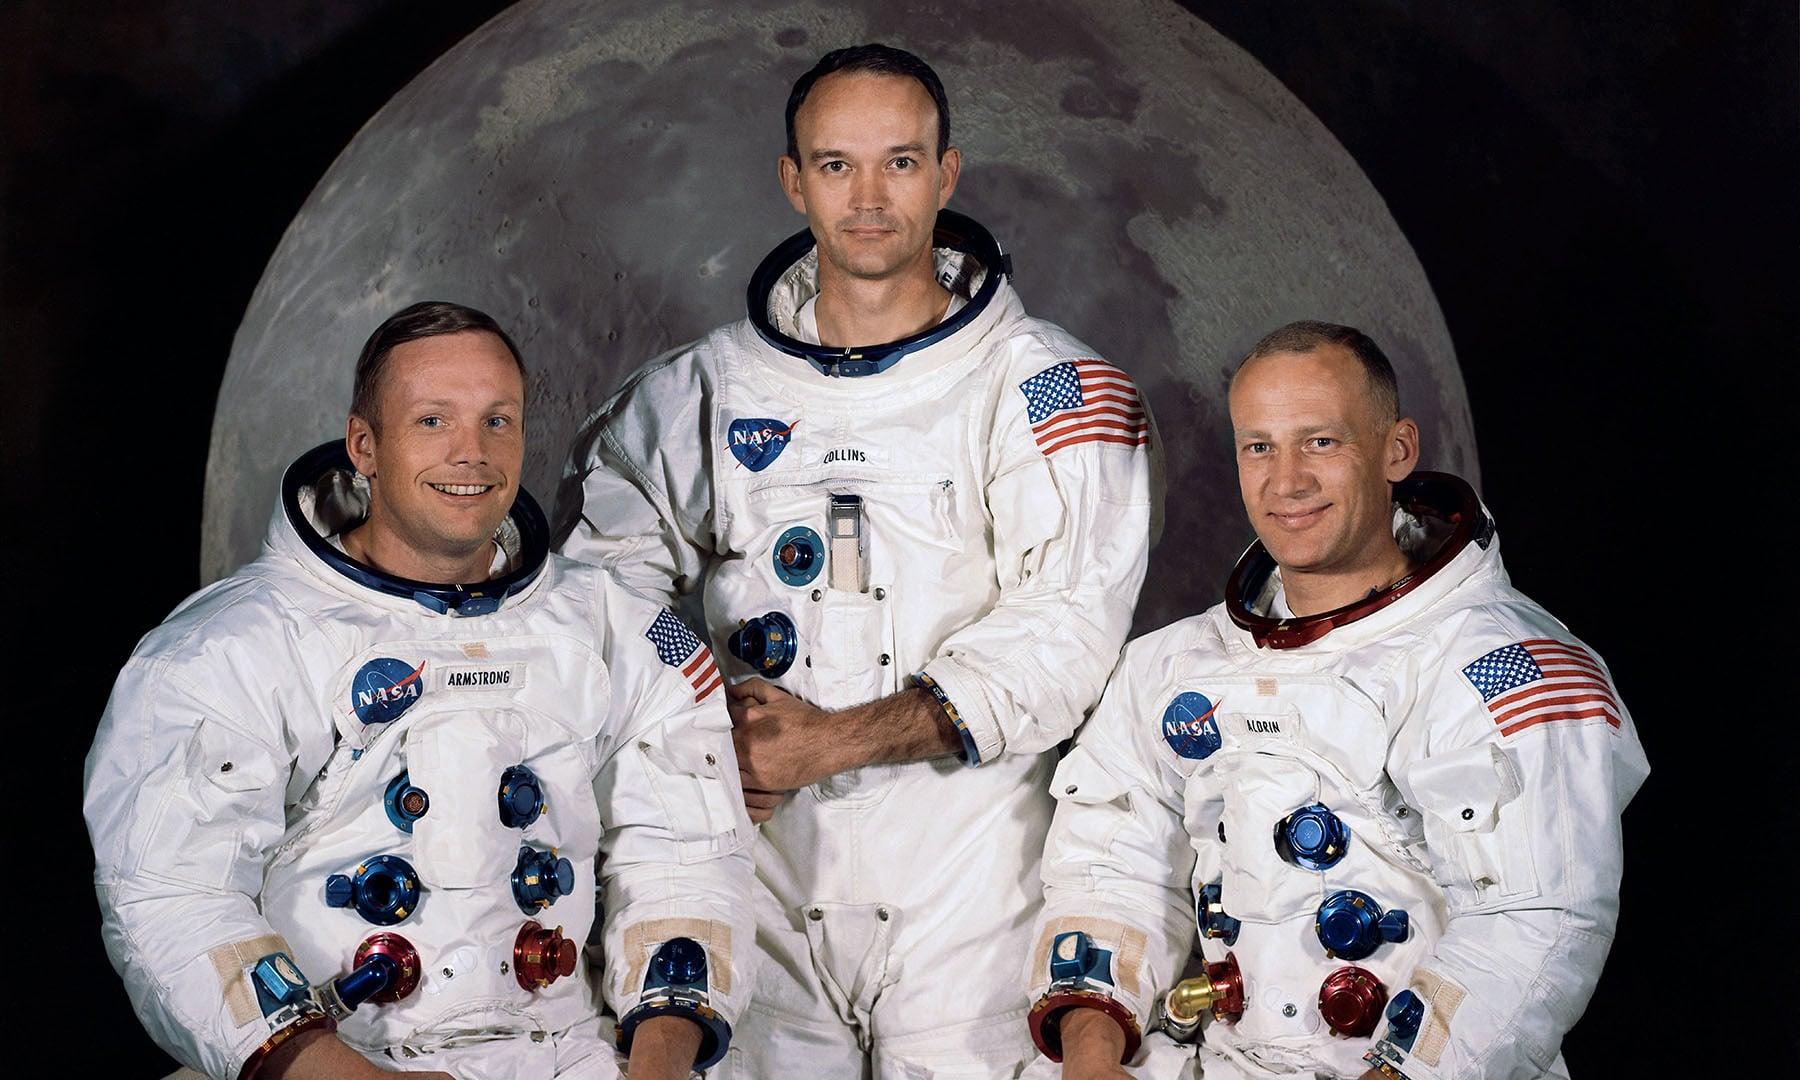 چاند پر بھیجے جانے والی 'ناسا' کی 3 رکنی خلابازوں کی ٹیم